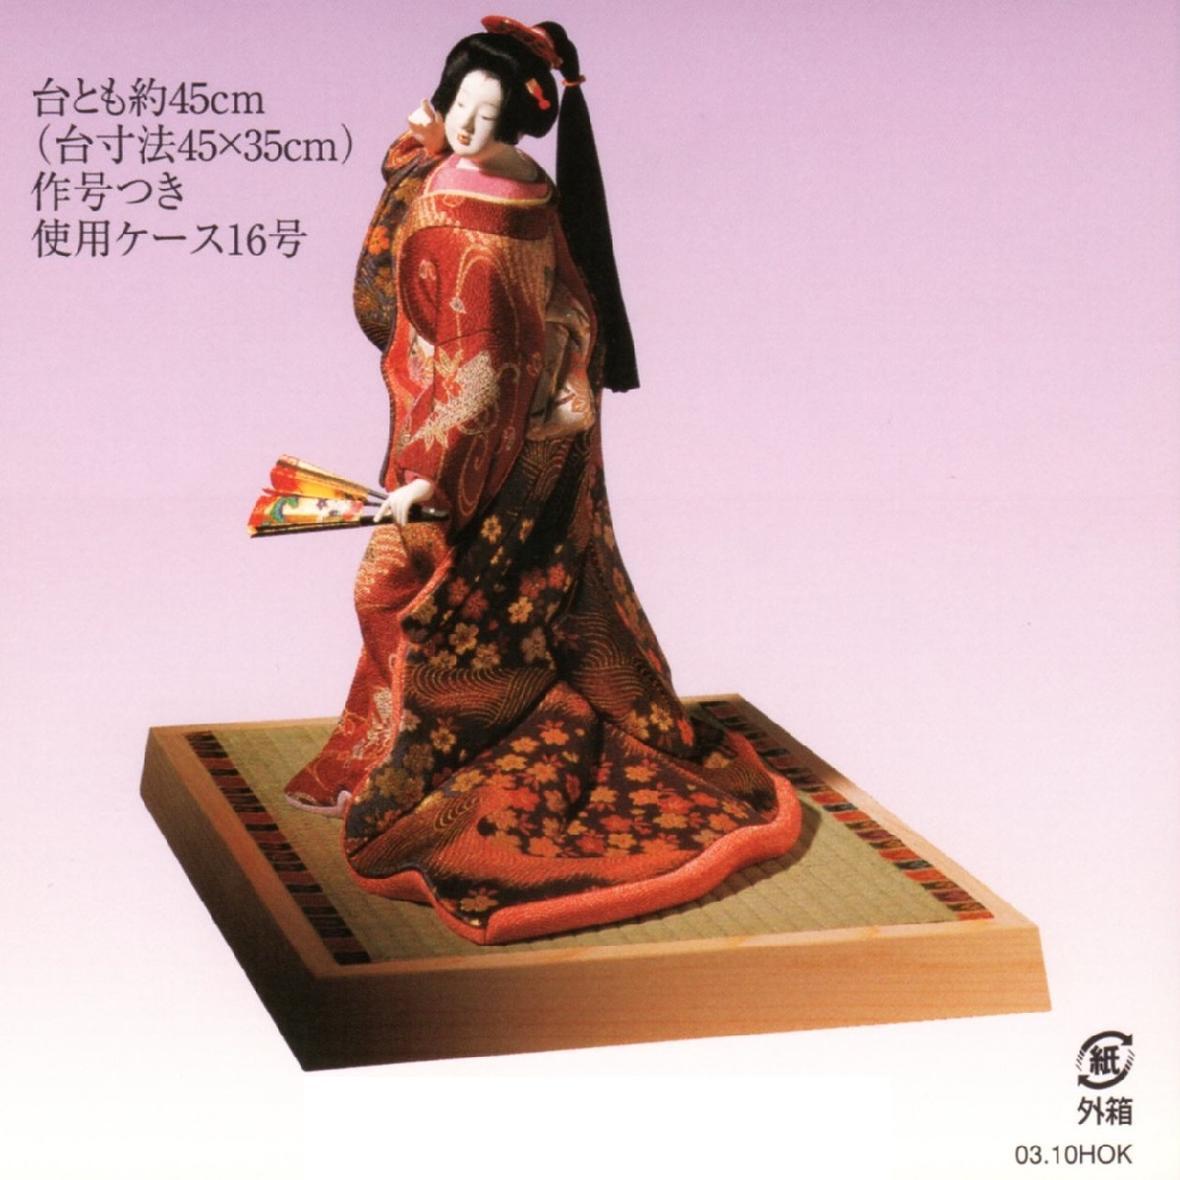 東芸 木目込人形キット「舞姿・桜しぐれ」 S257-16